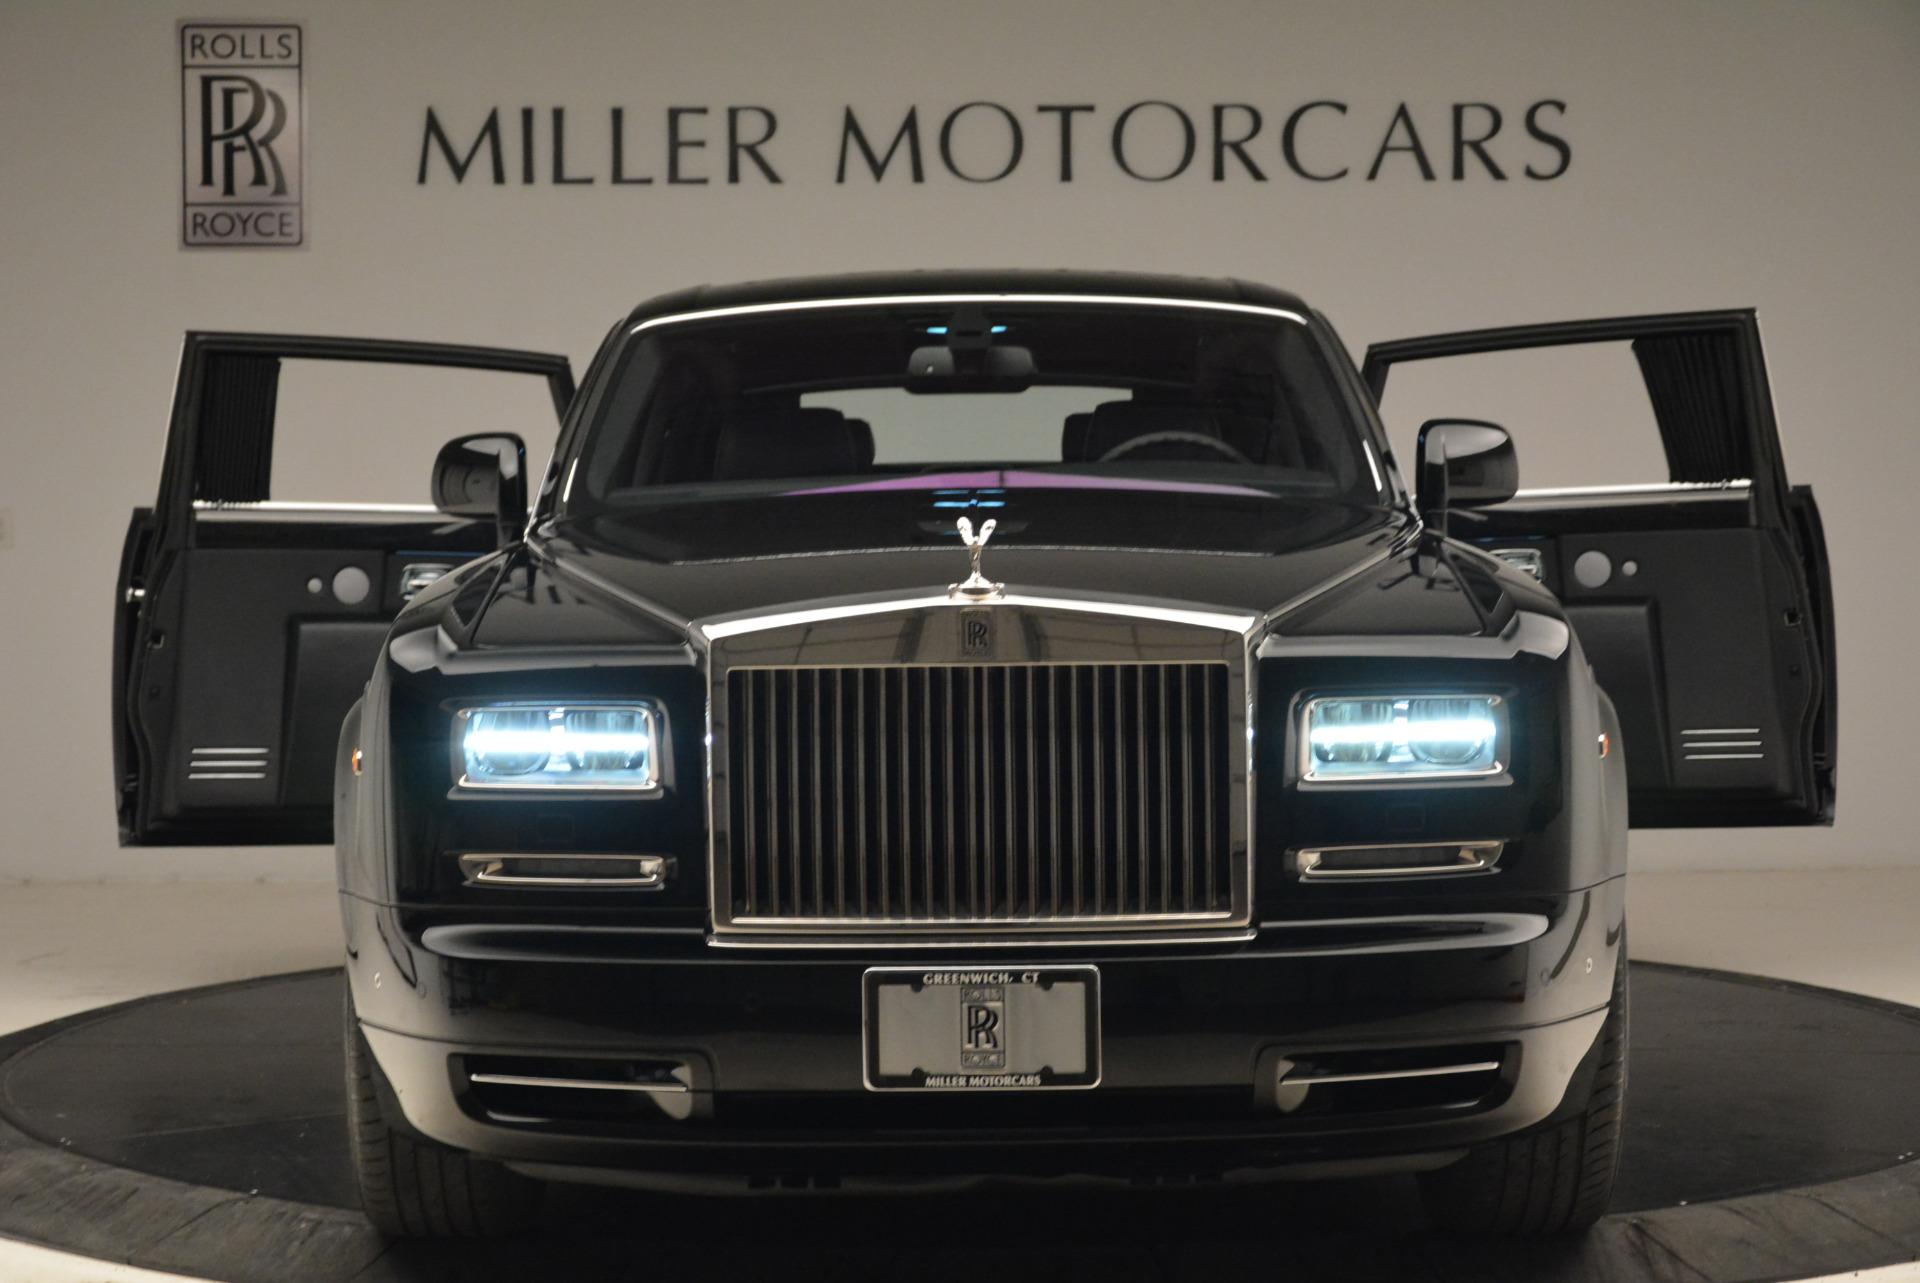 Used 2014 Rolls-Royce Phantom EWB For Sale In Greenwich, CT 2051_p6